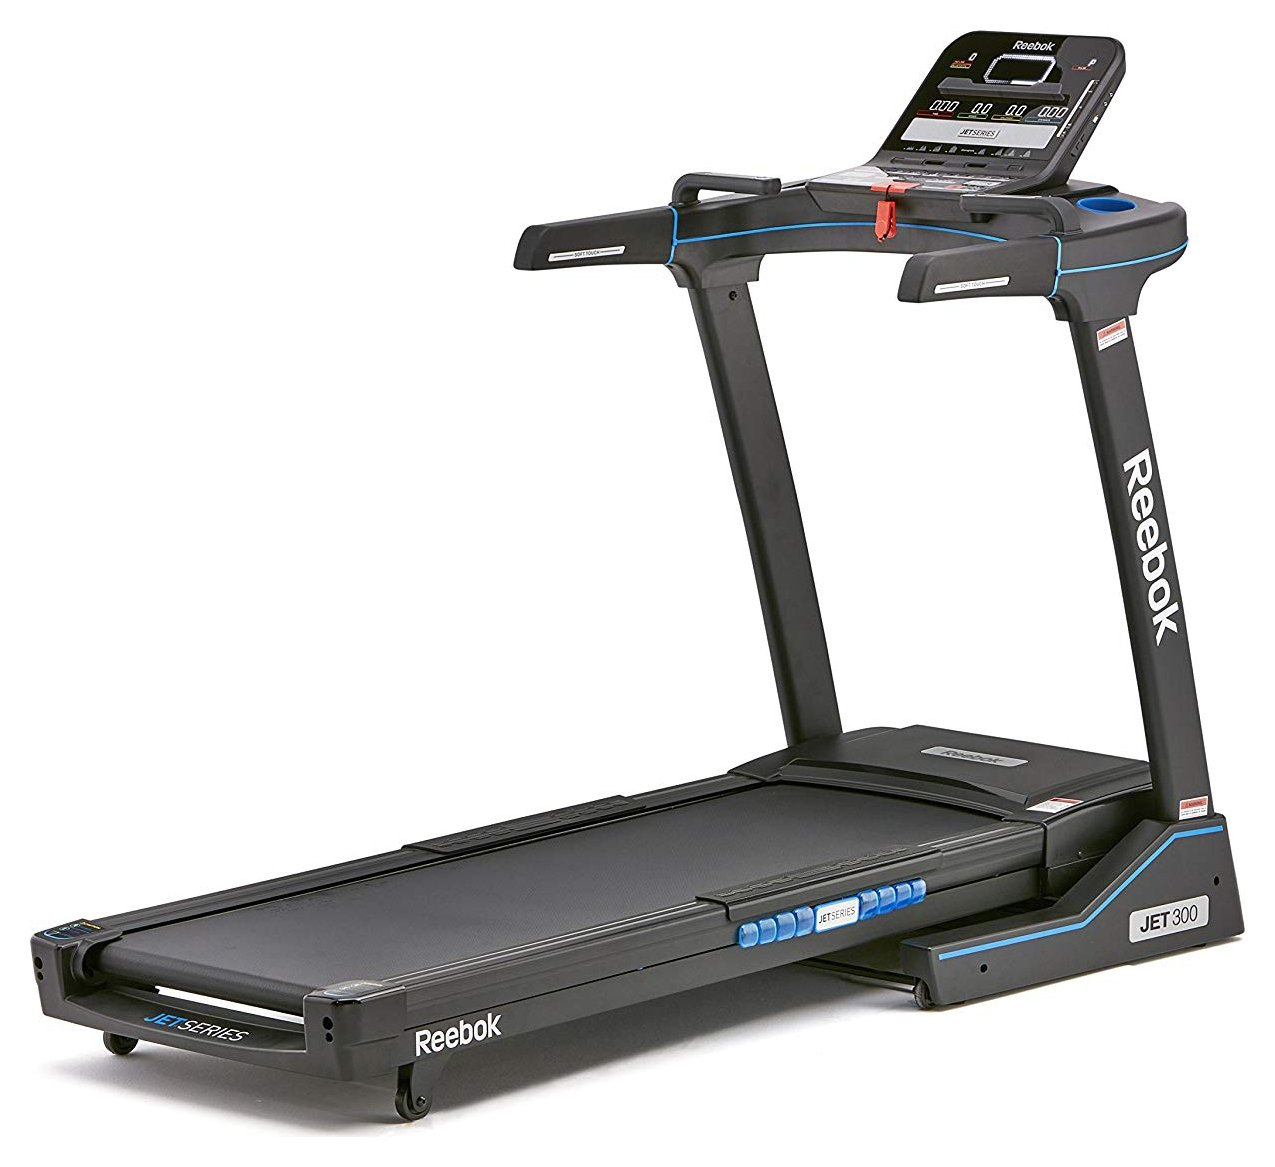 Reebok - Jet 300 Treadmill